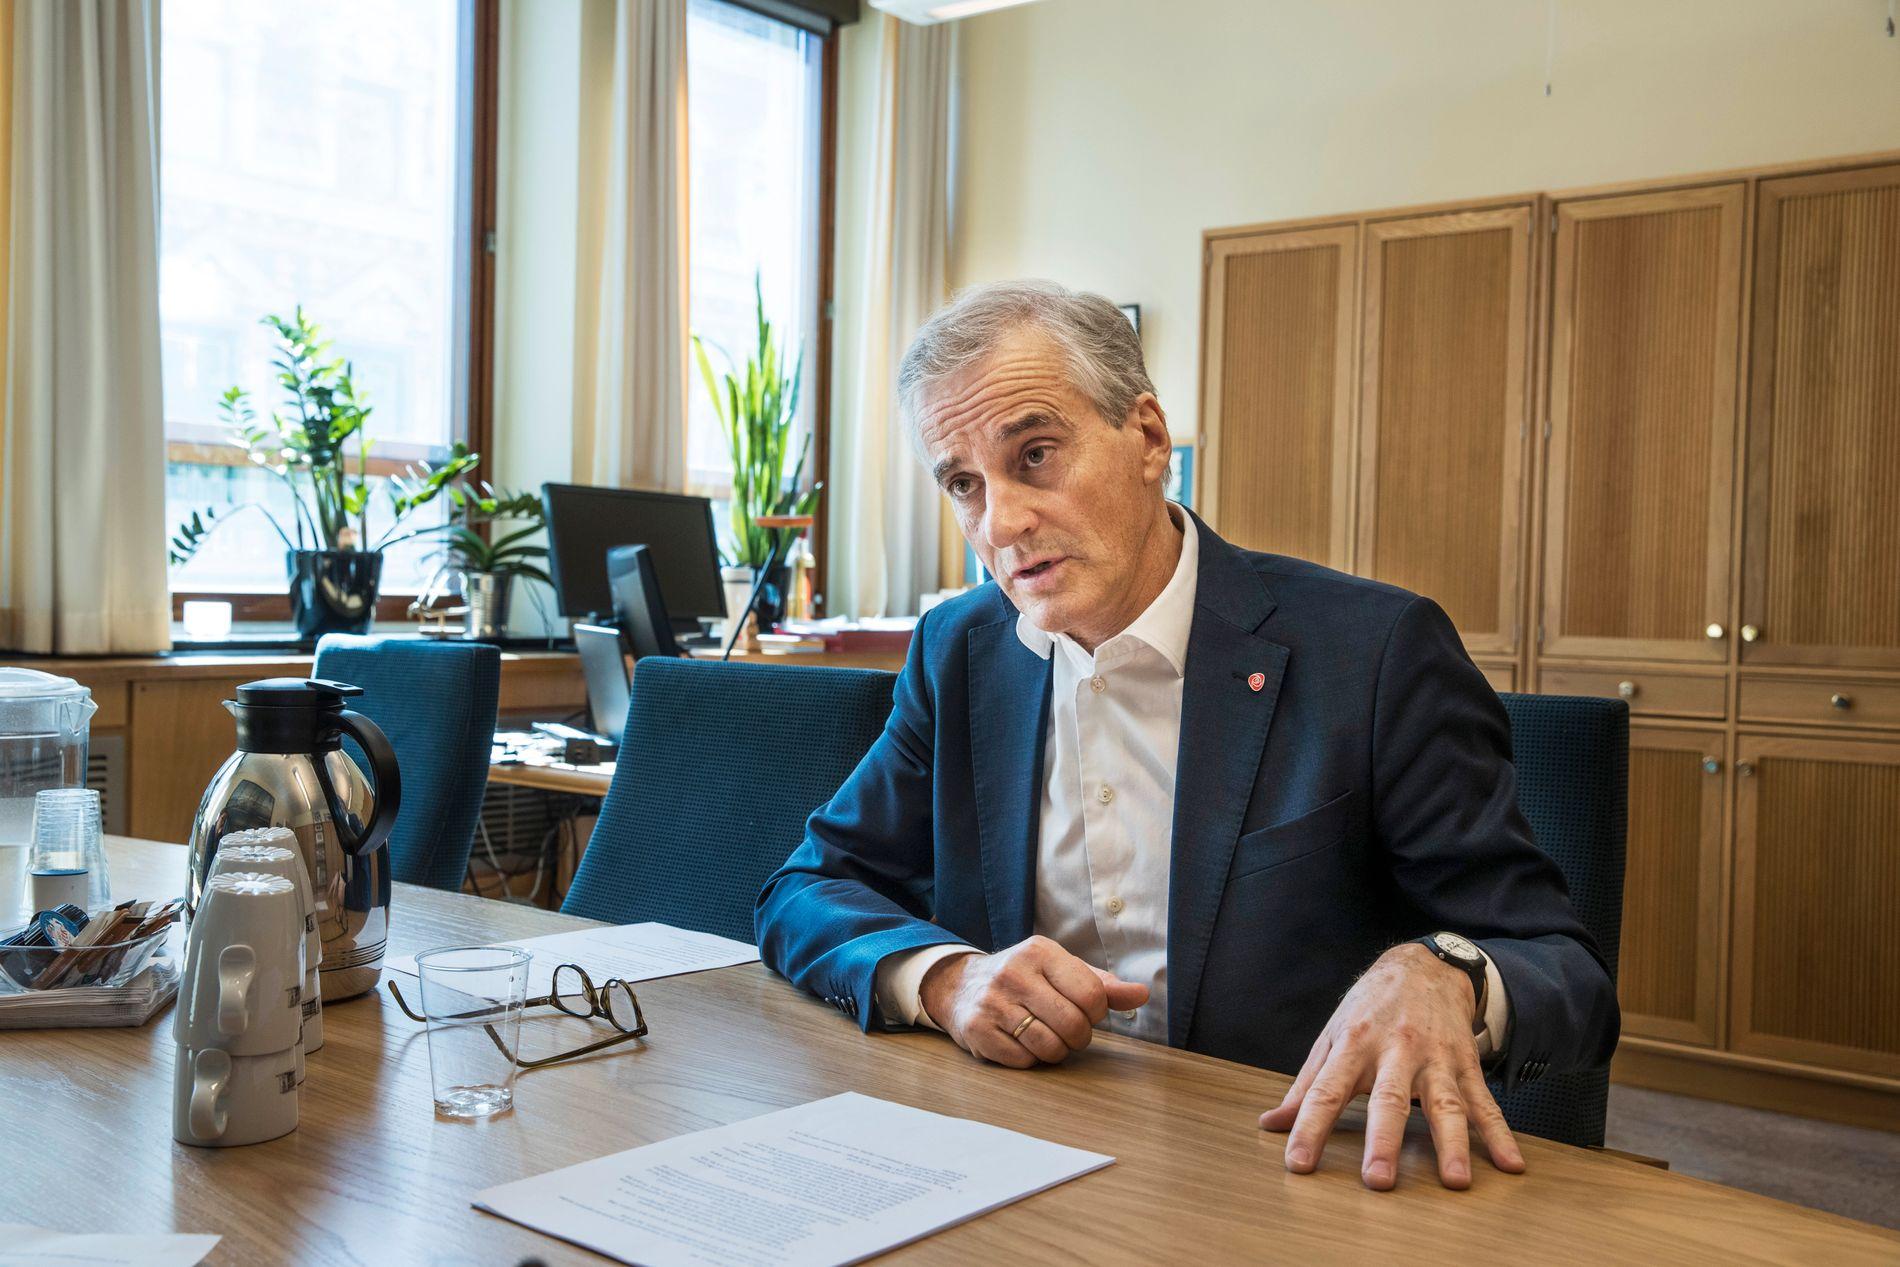 STØRES AP: Ap-leder Jonas Gahr Støre sier «det er bra at ikke alle i Arbeiderpartiet er som meg».